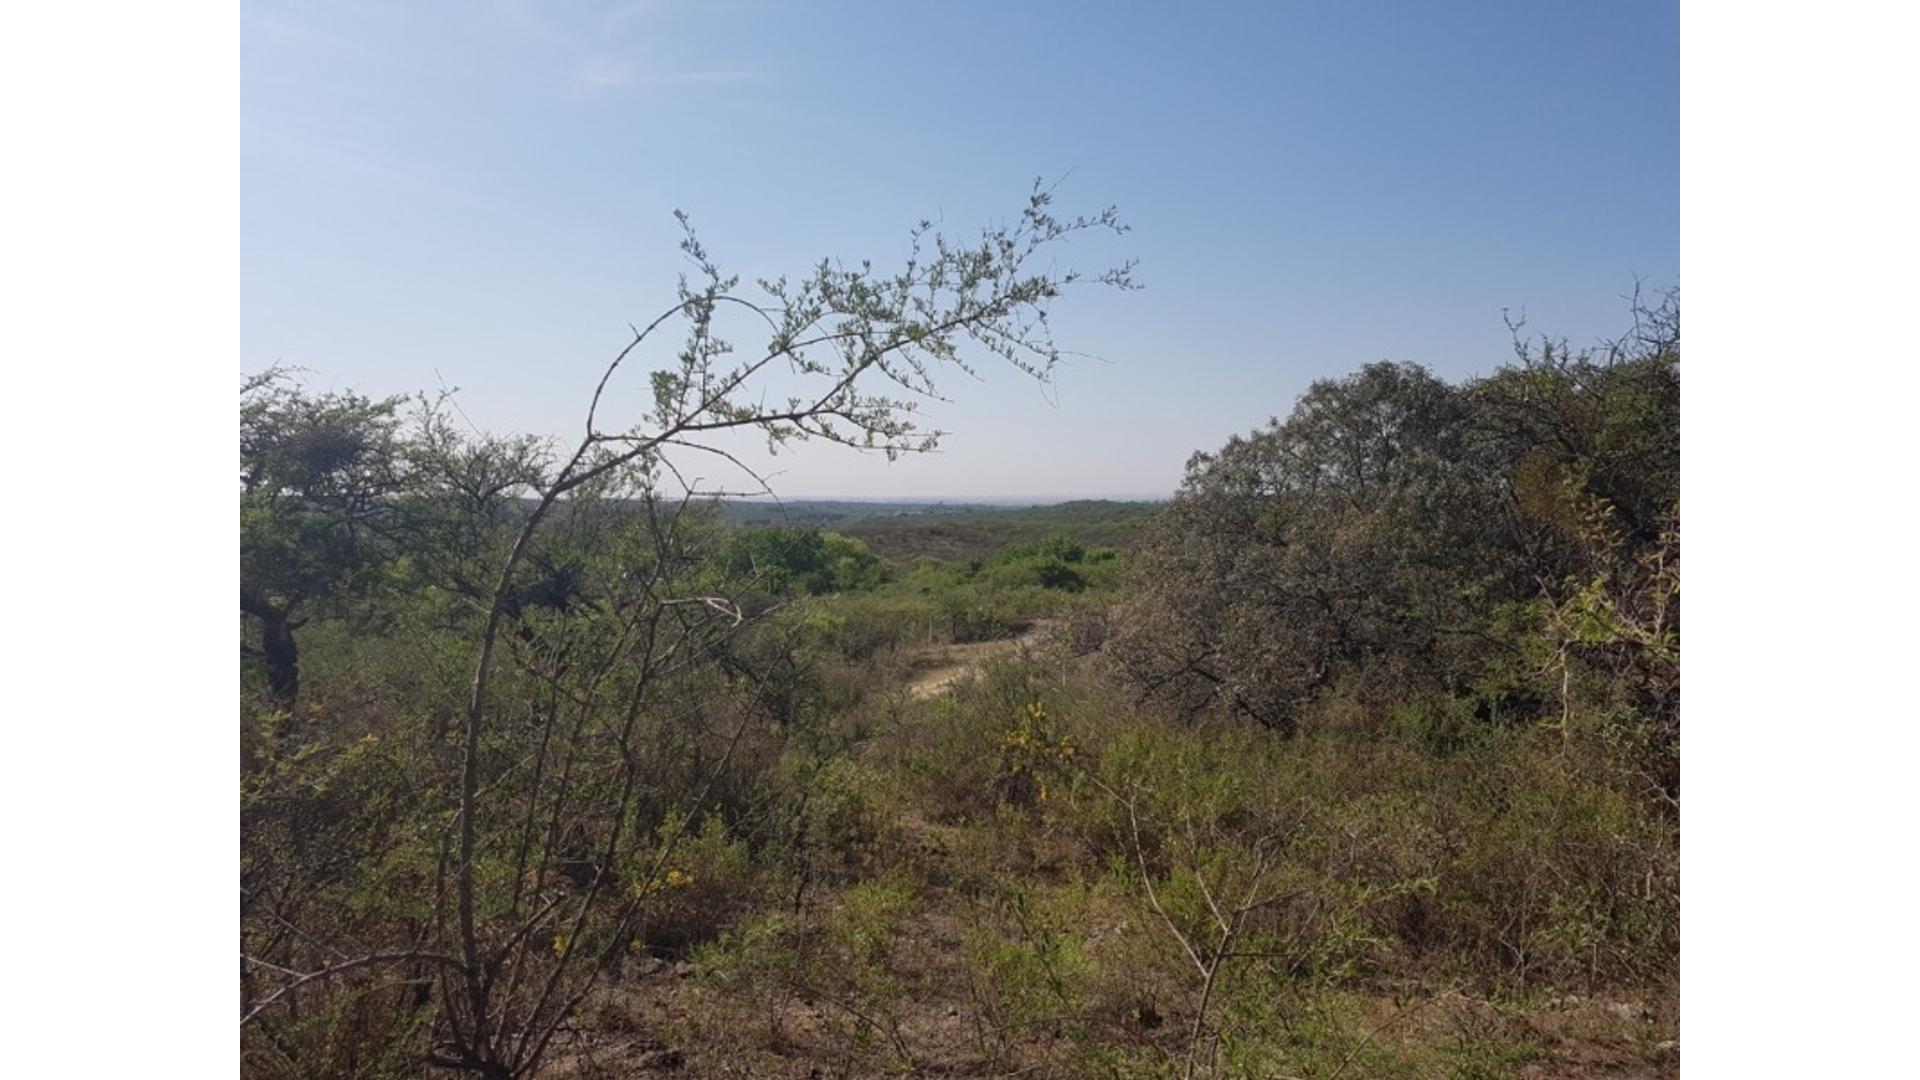 Pozo Del Tala 100 - U$D 75.000 - Campo en Venta